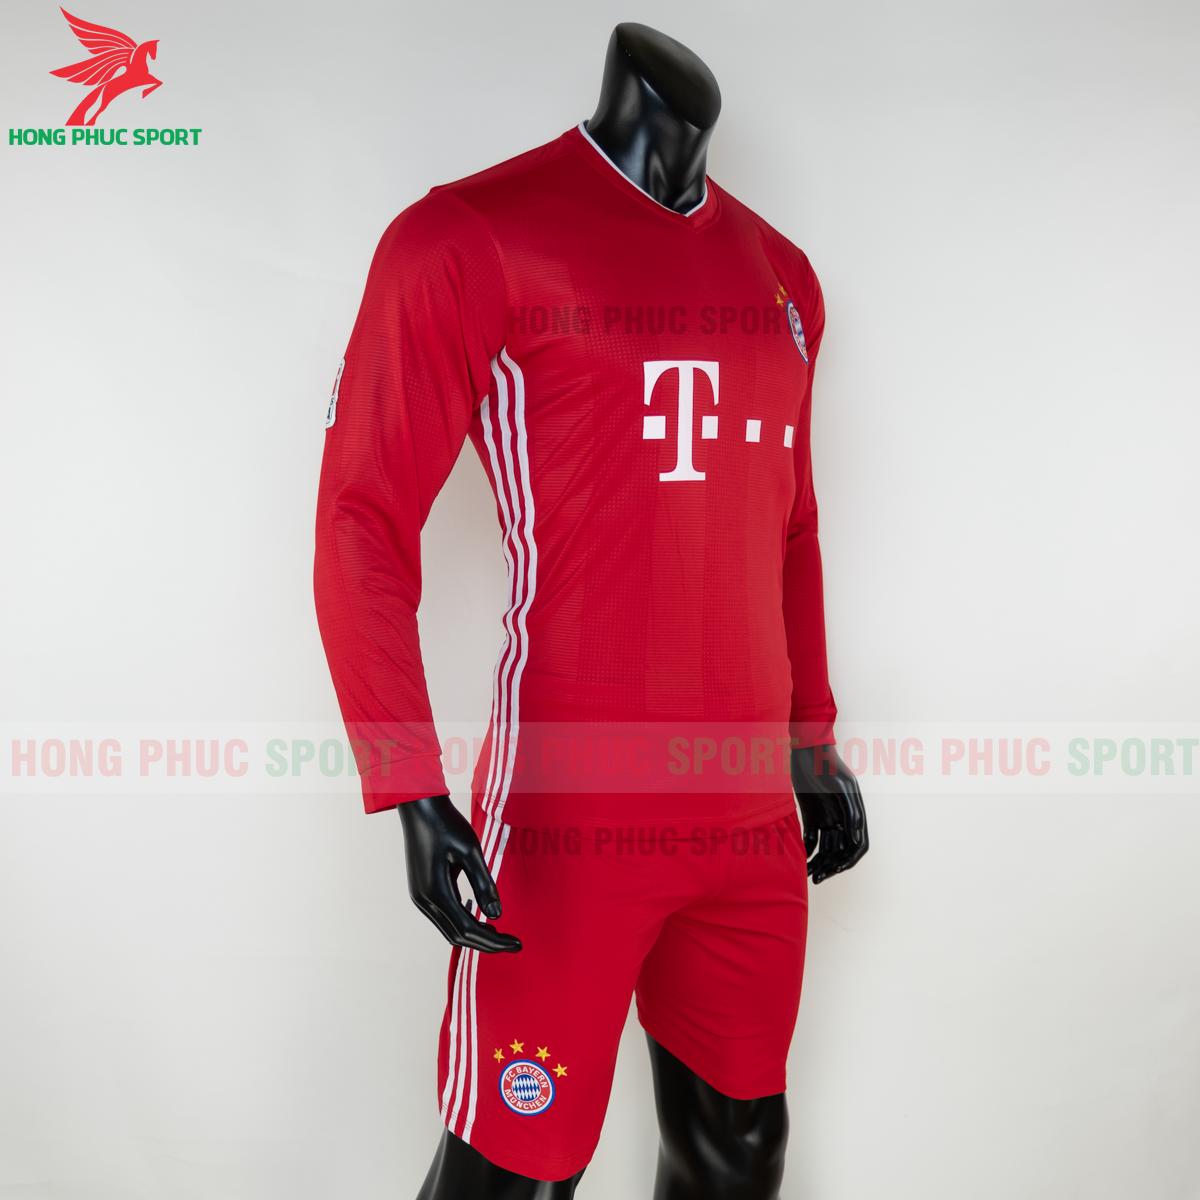 Áo đấu dài tay Bayern Munich 2020 2021 sân nhà (phải)